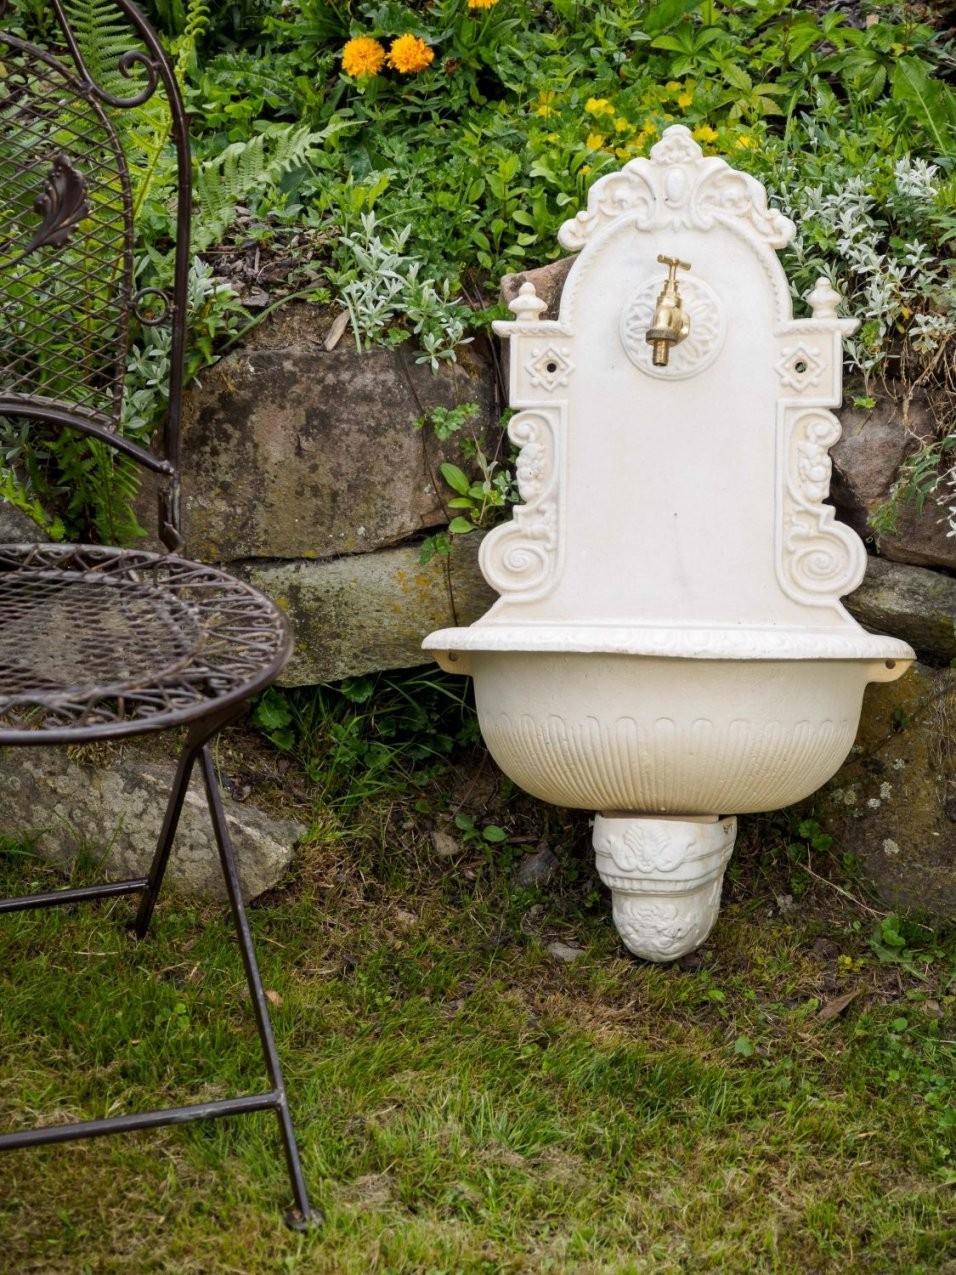 Garten Waschbecken  Garten Waschbecken Stein Doppelwaschbecken von Wandbrunnen Garten Stein Photo